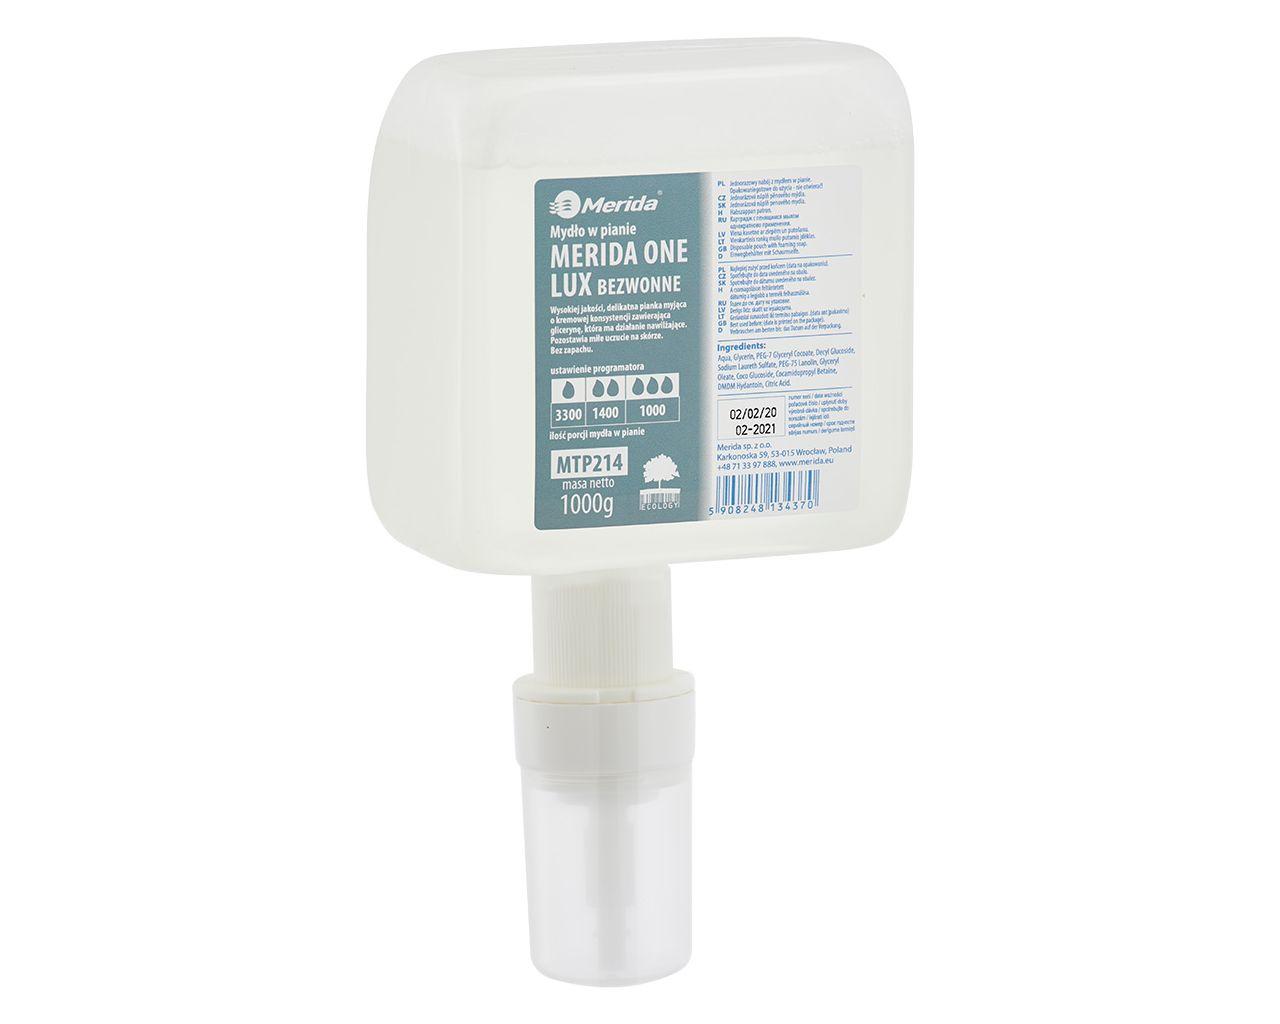 Mydło w pianie MERIDA ONE LUX BEZWONNE, jednorazowy wkład z pompką spieniającą do dozowników automatycznych, 1000 g, bez zapachu